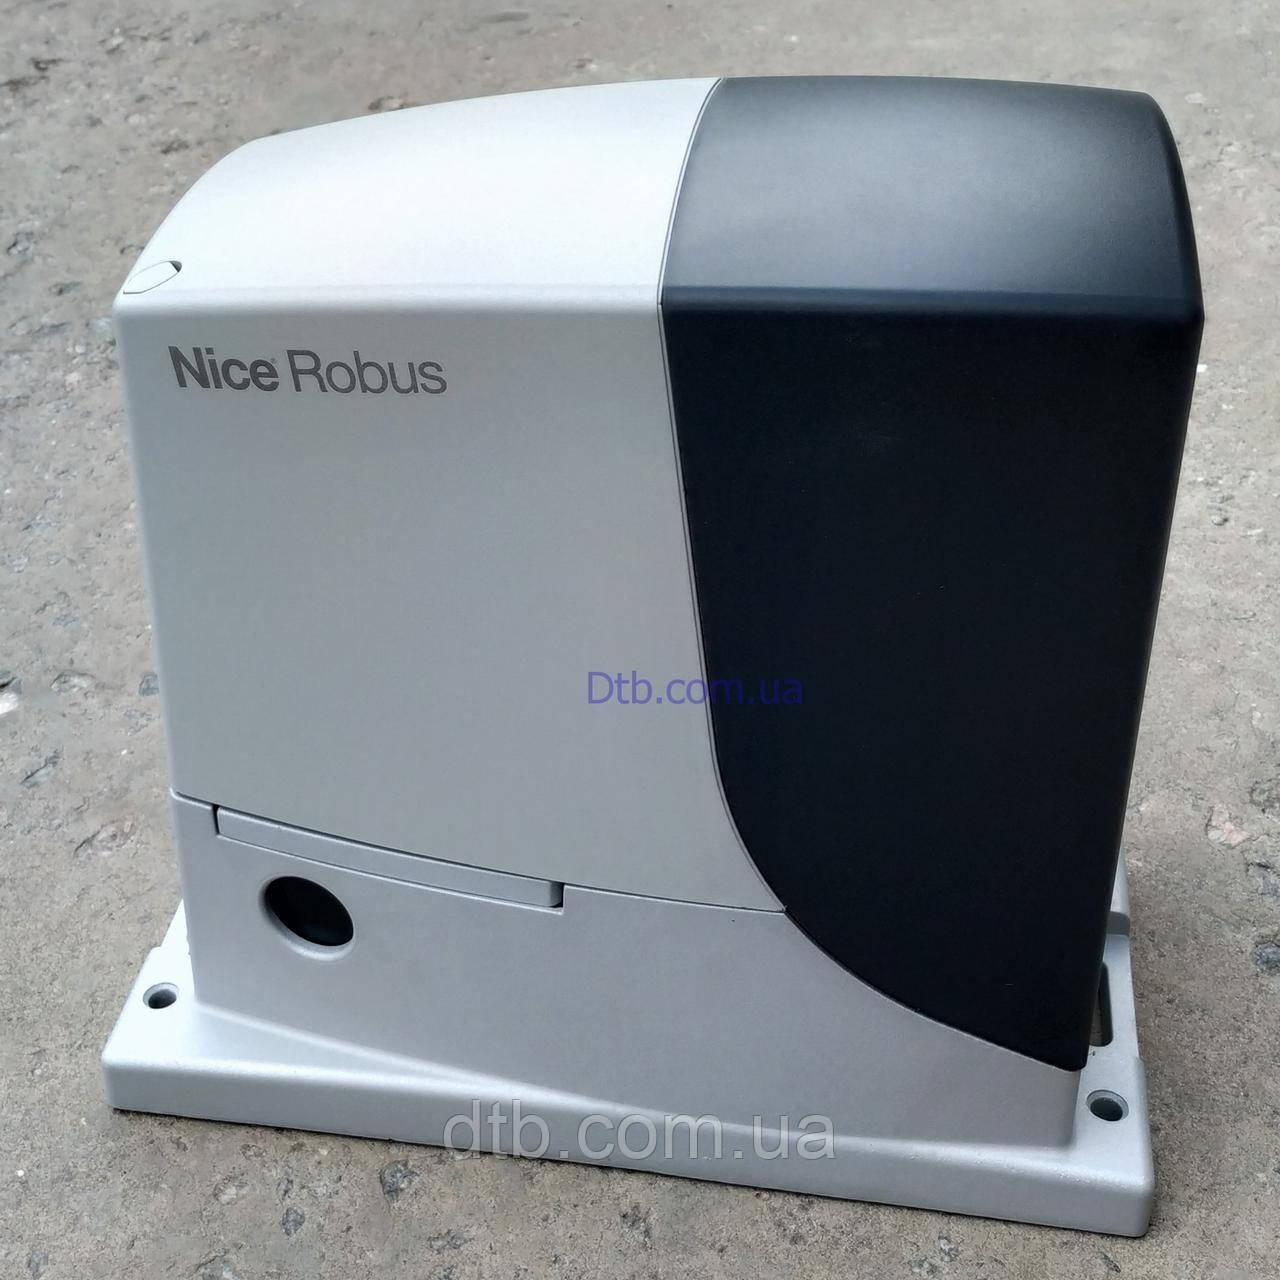 Nice RB 600 автоматика для откатных ворот Robus 600 привод на створку до 600 кг